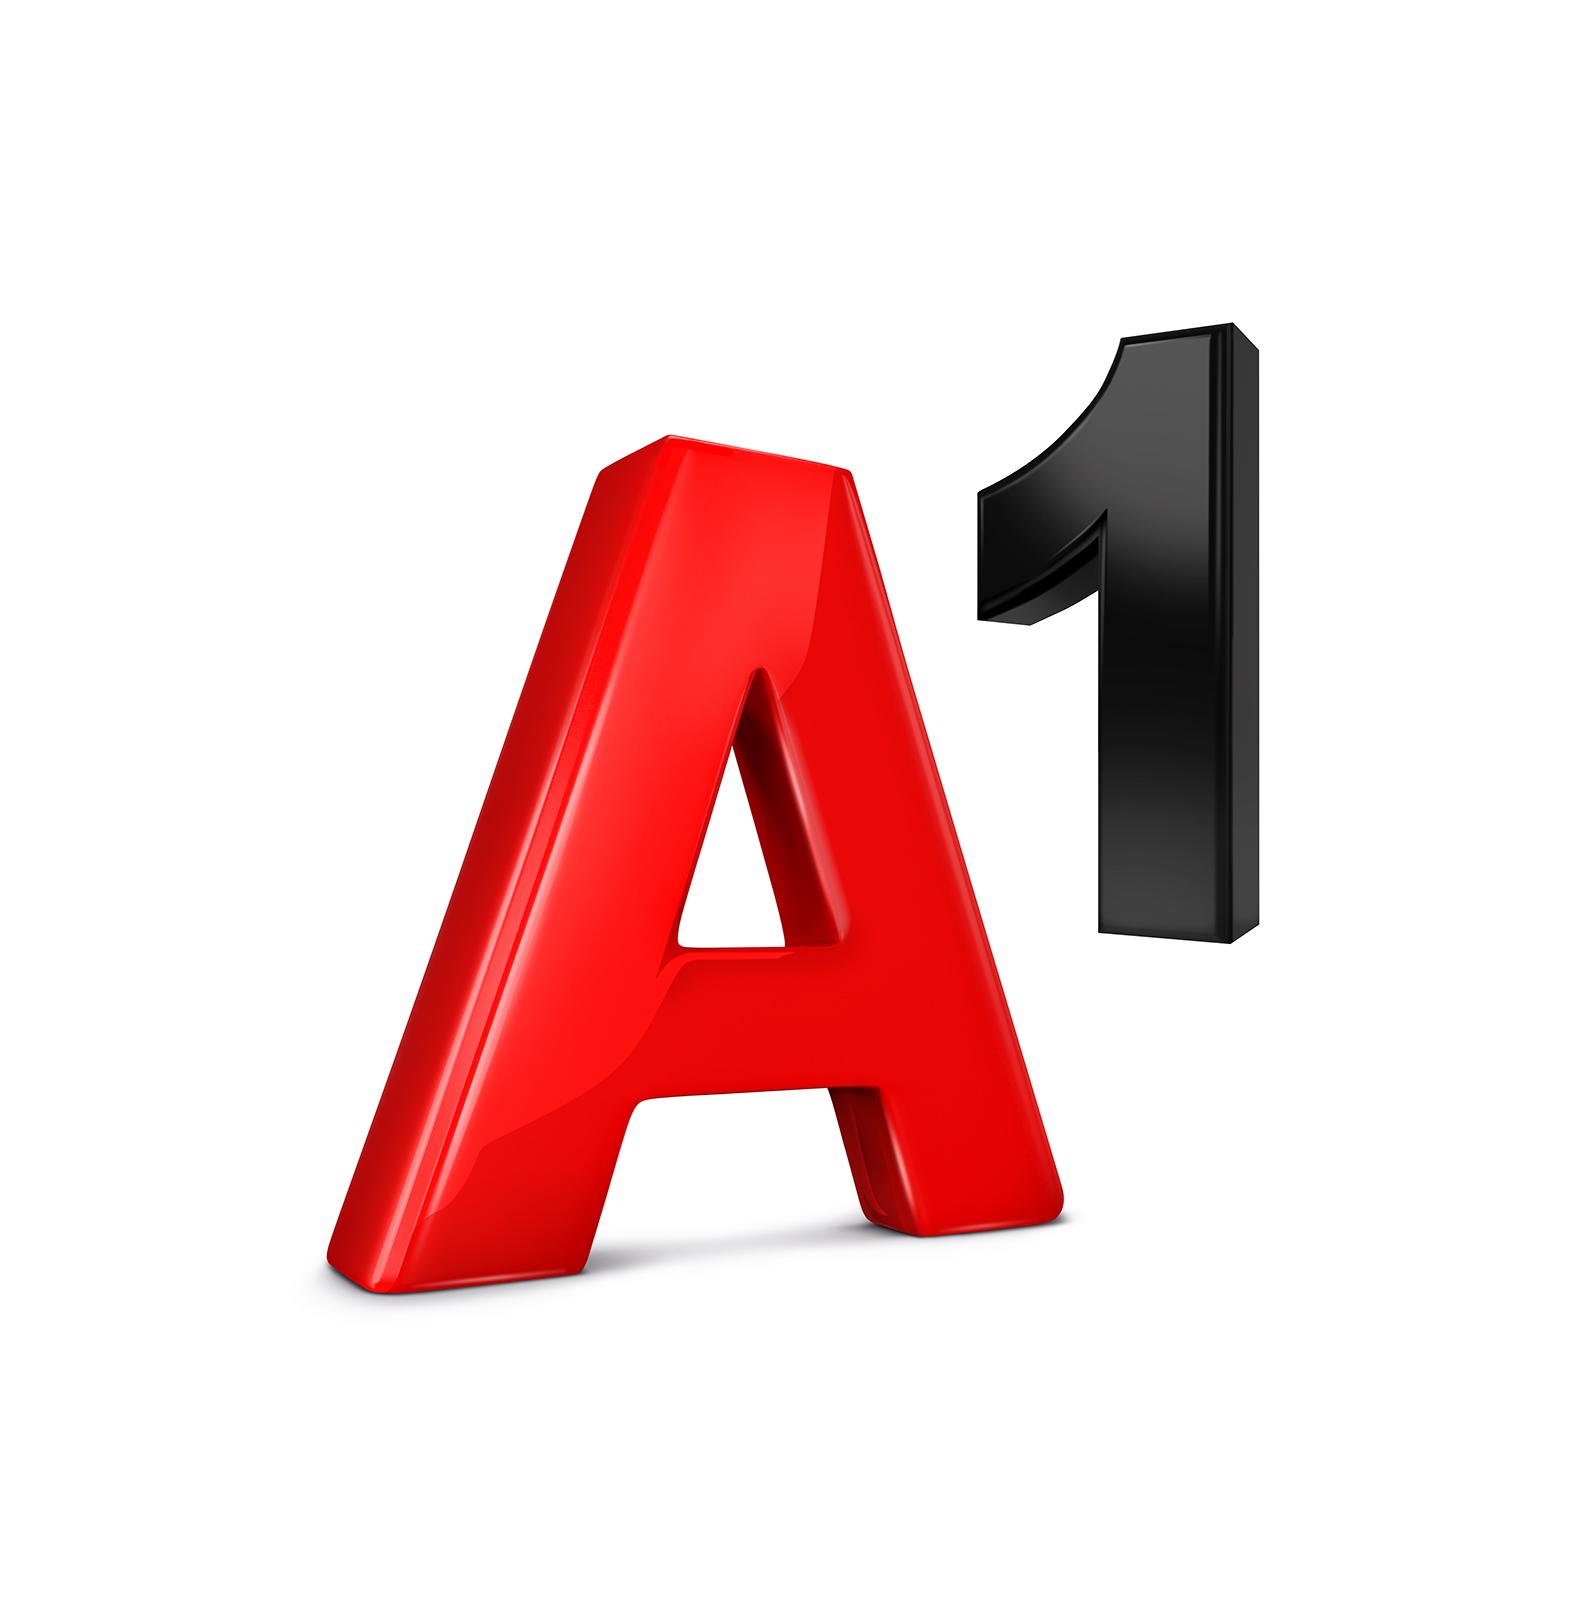 А1 е телеком №1 у нас според класацията Superbrands